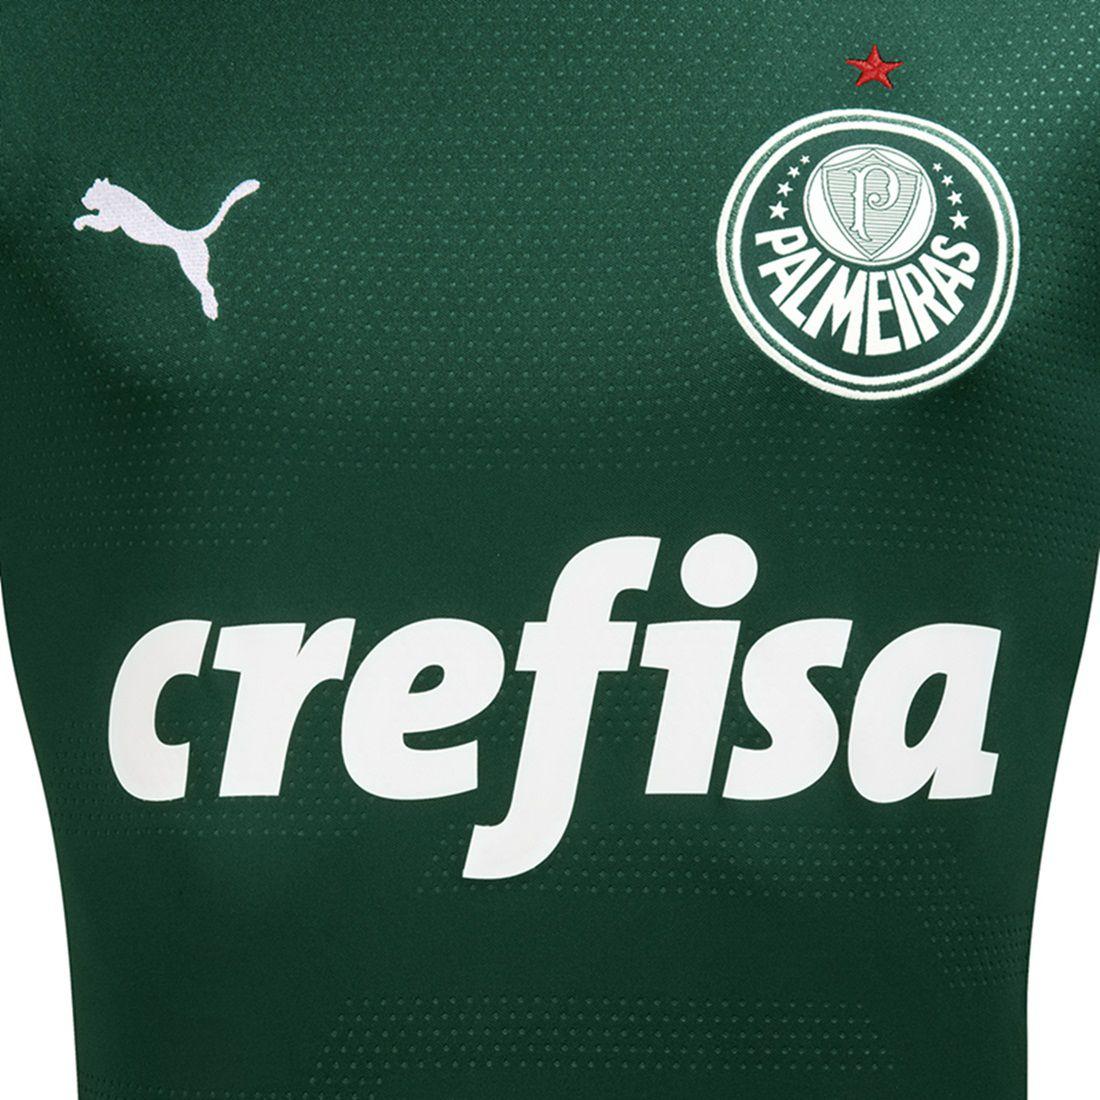 f5ec6df2ffe6a ... Camisa Palmeiras Puma Oficial 2019/20 Sem Numero Masculina - Sport  Center Jaraguá